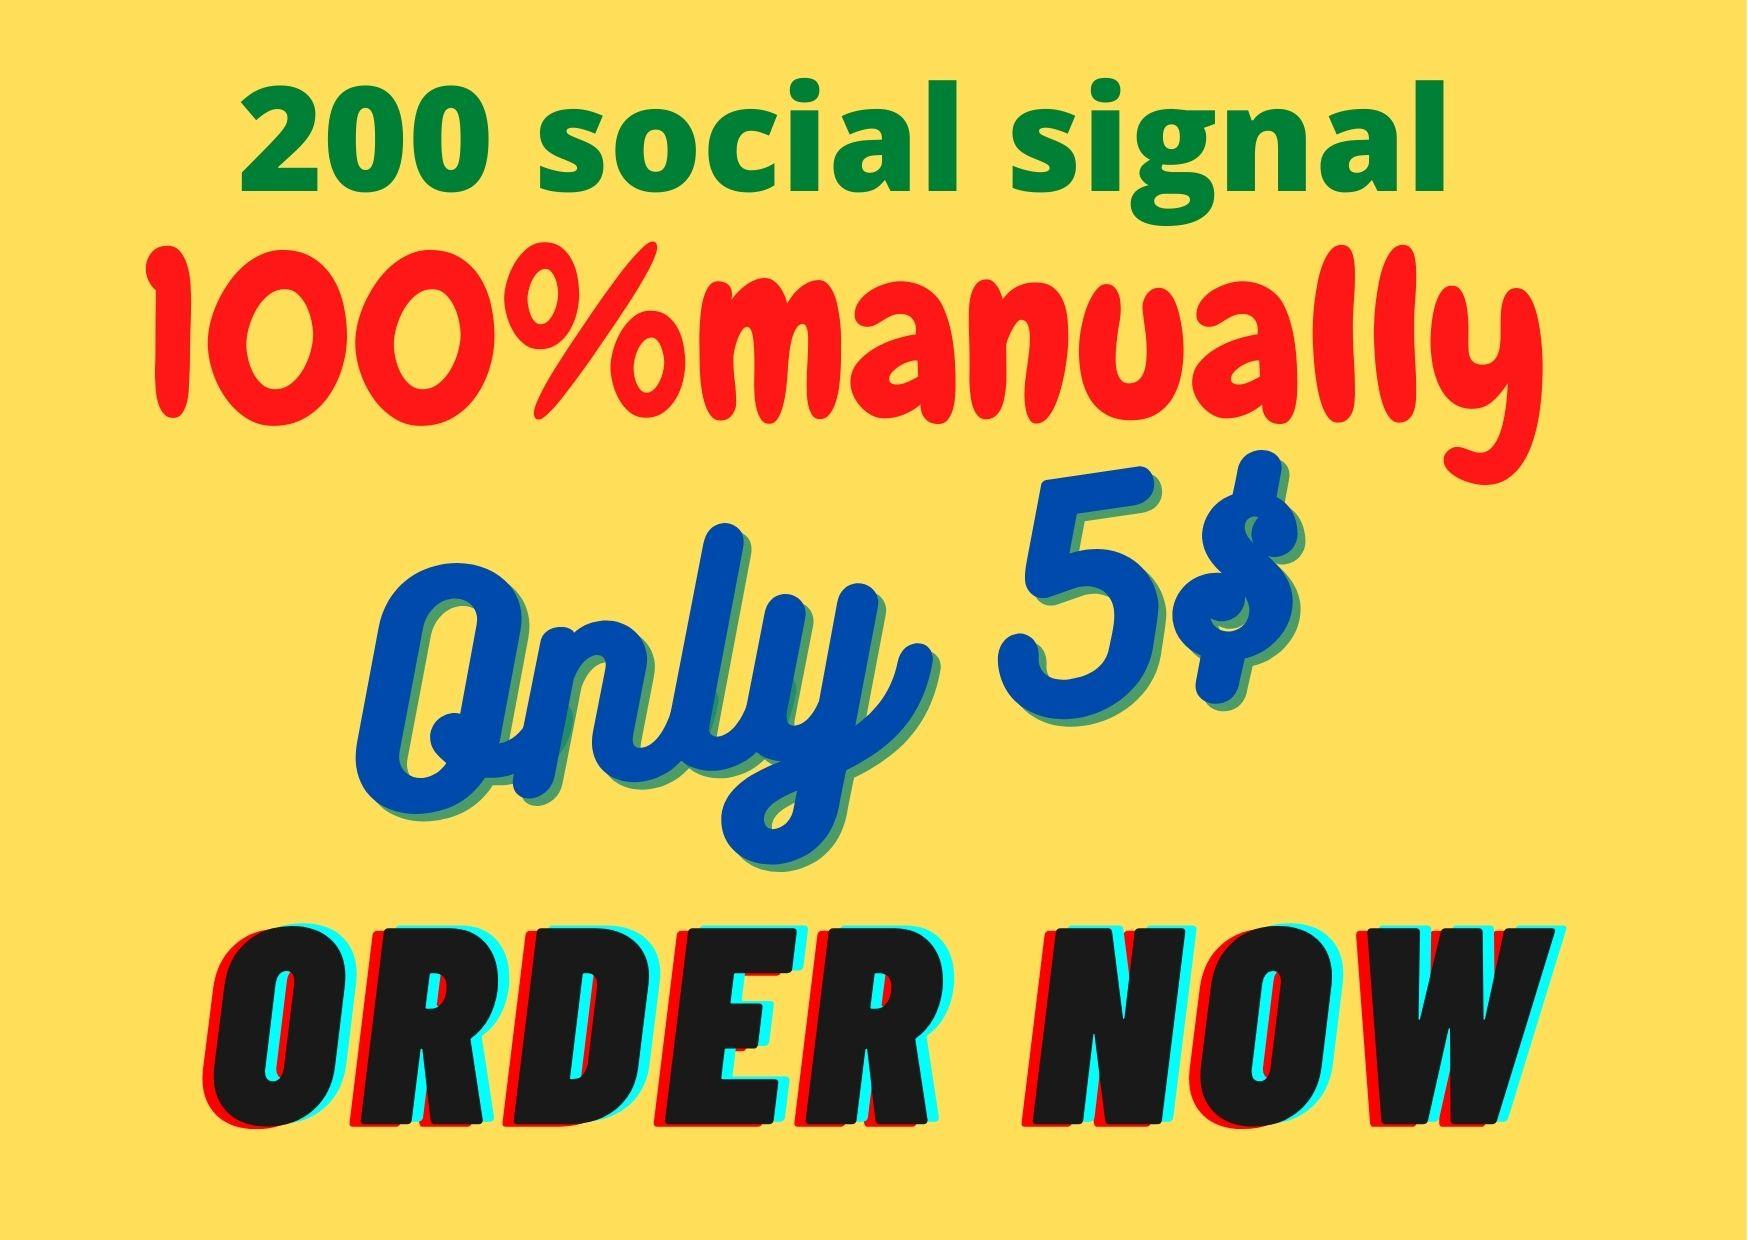 I will do 200 social signals on facebook, twitter, pinta rest, LinkedIn, tumblr, Instagram manually